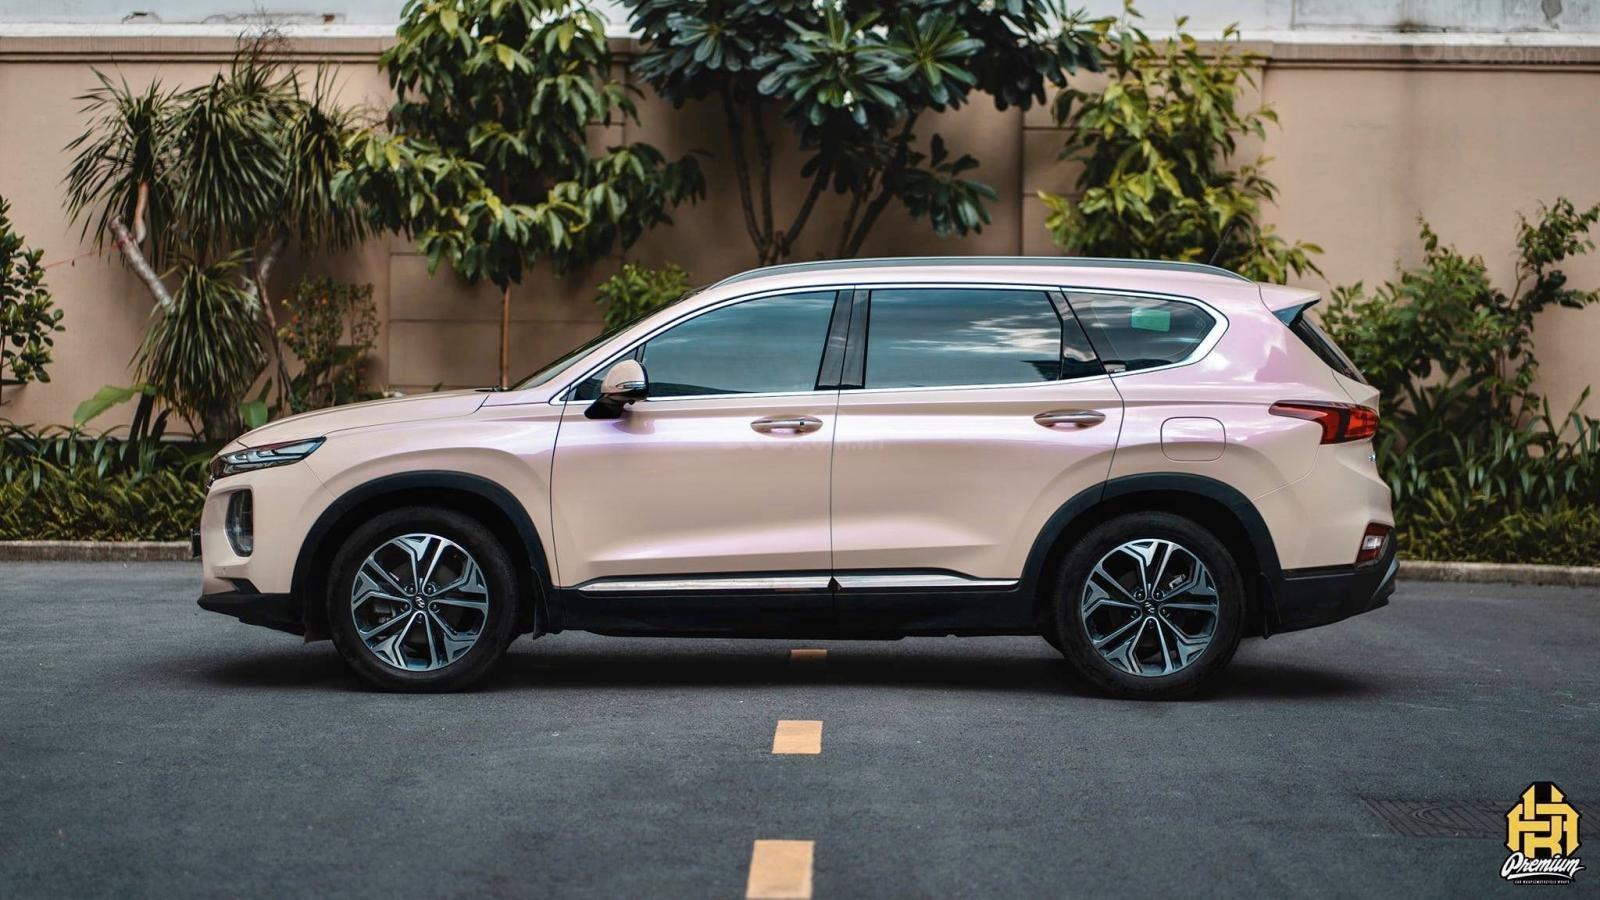 Bán Hyundai Santa Fe 2020 chỉ từ 293 triệu - ưu đãi lớn, giảm giá tiền mặt + tặng kèm phụ kiện chính hãng (4)